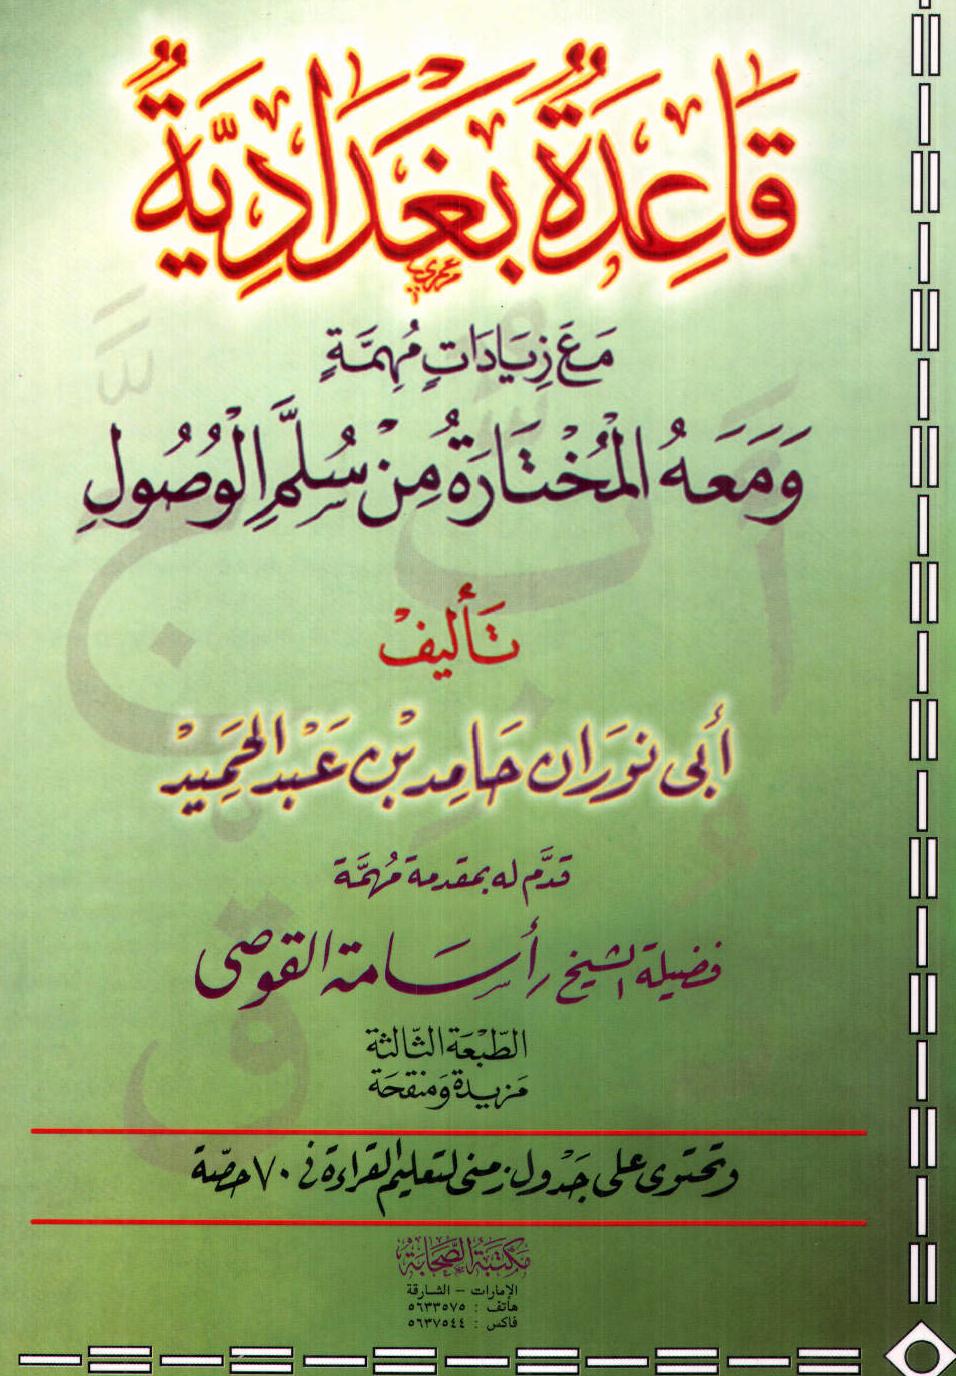 تحميل كتاب قاعدة بغدادية مع زيادات مهمة، ومعه: المختارة من سلم الوصول لـِ: الشيخ أبو نوران حامد بن عبد الحميد